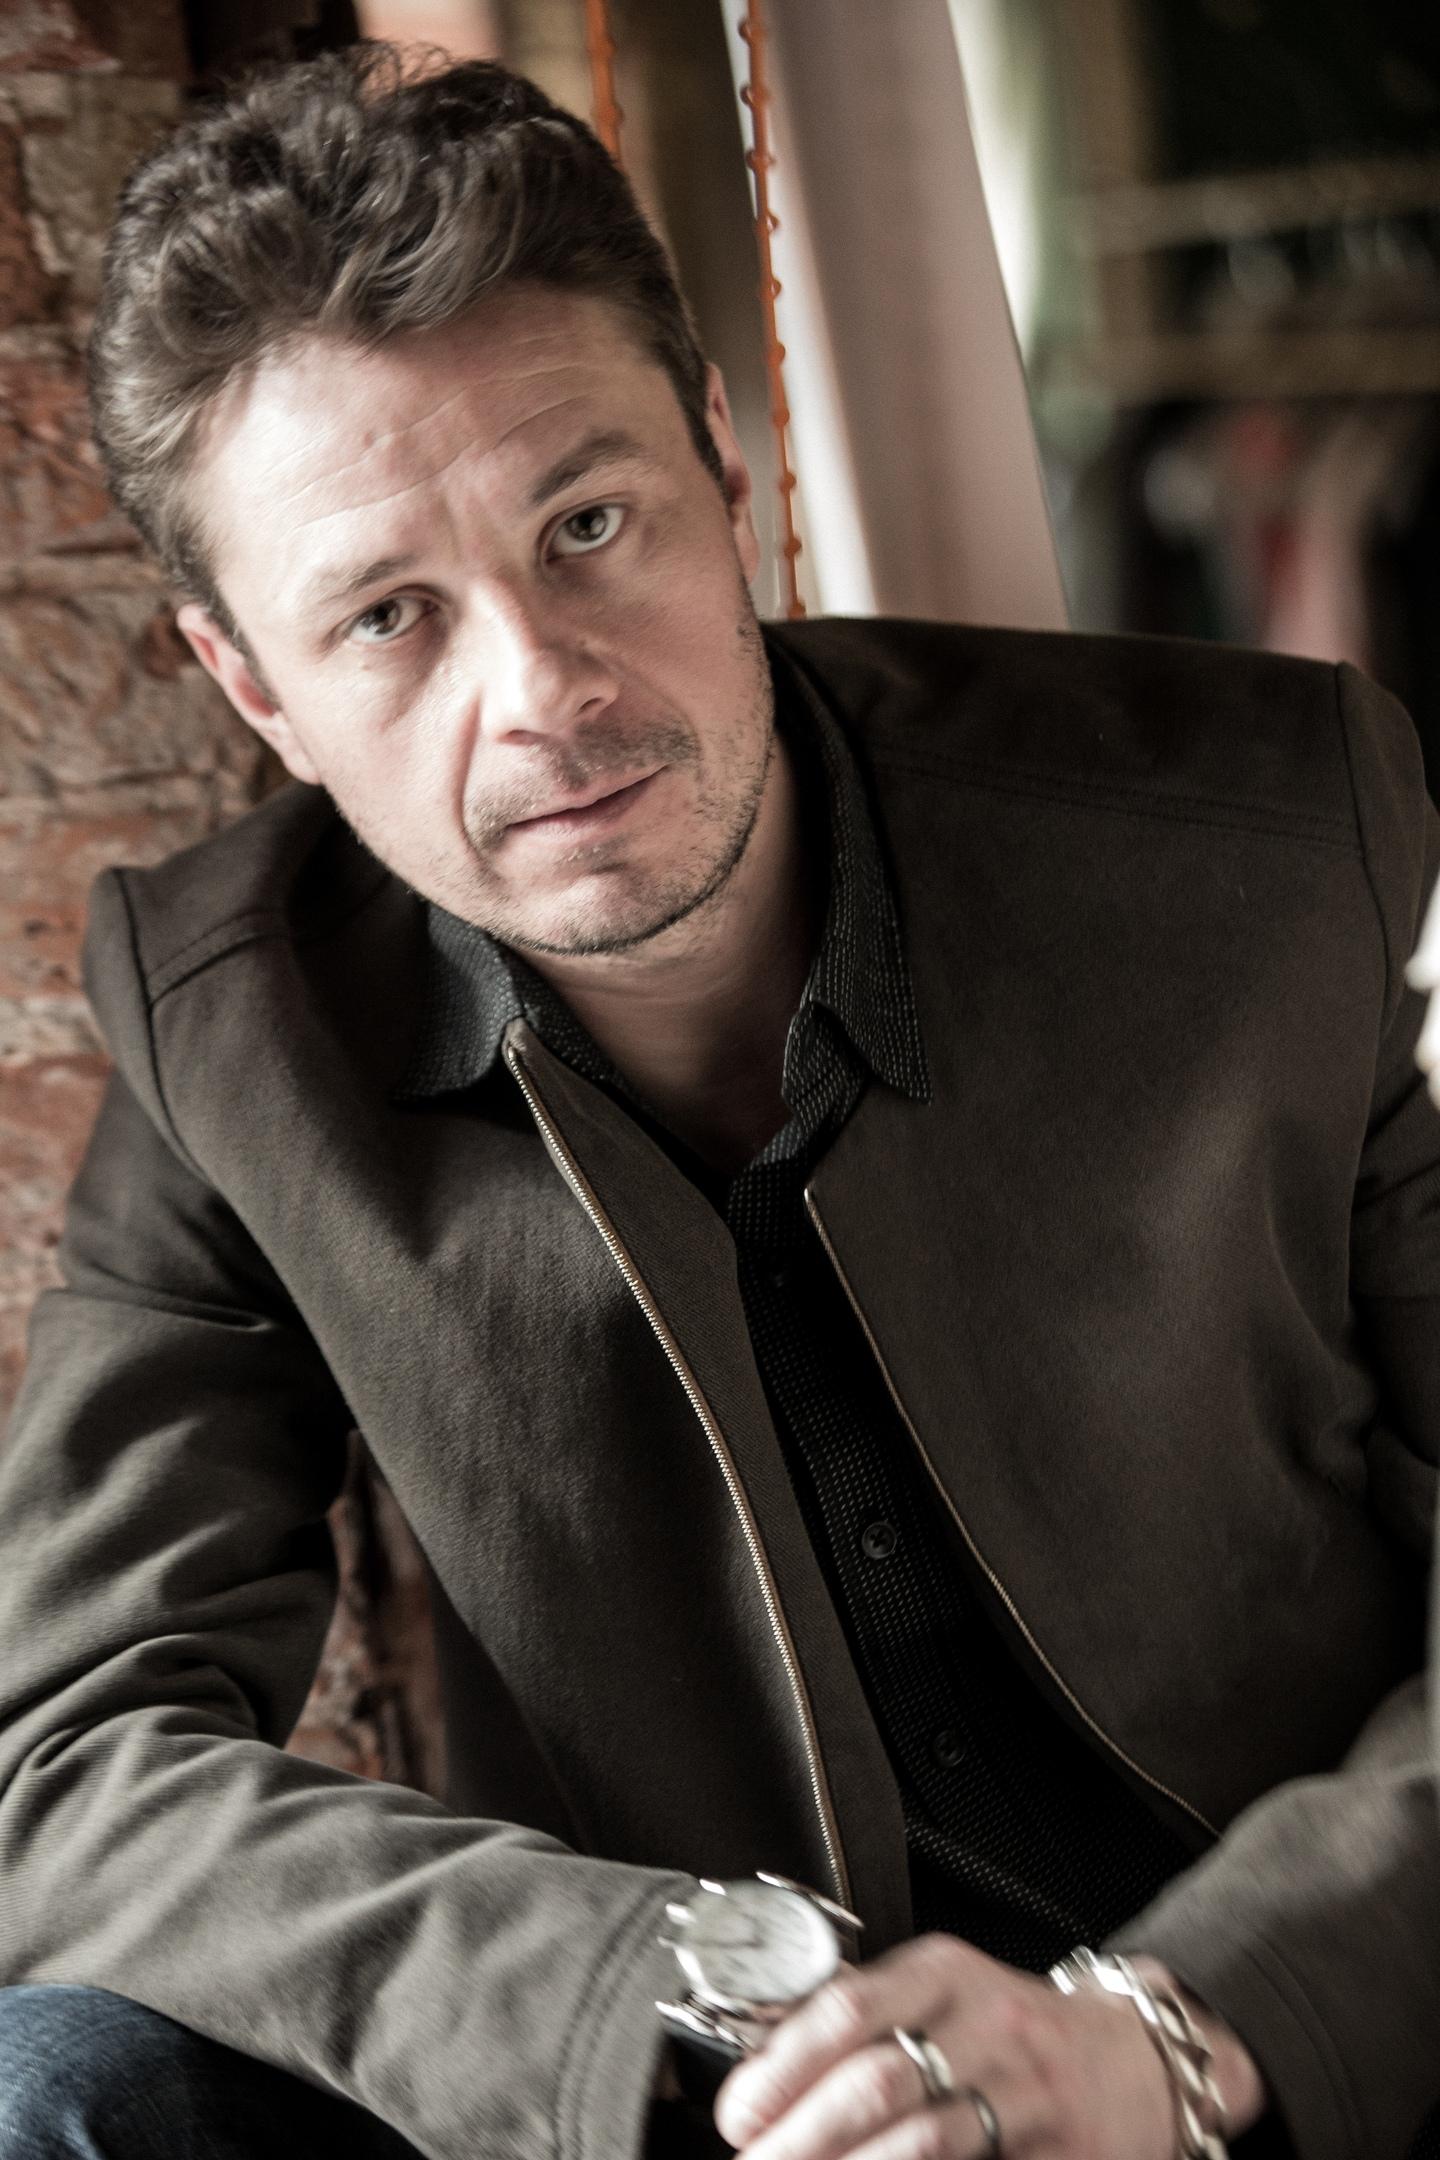 Сегодня день рождения отмечает Древнов Илья Юрьевич.